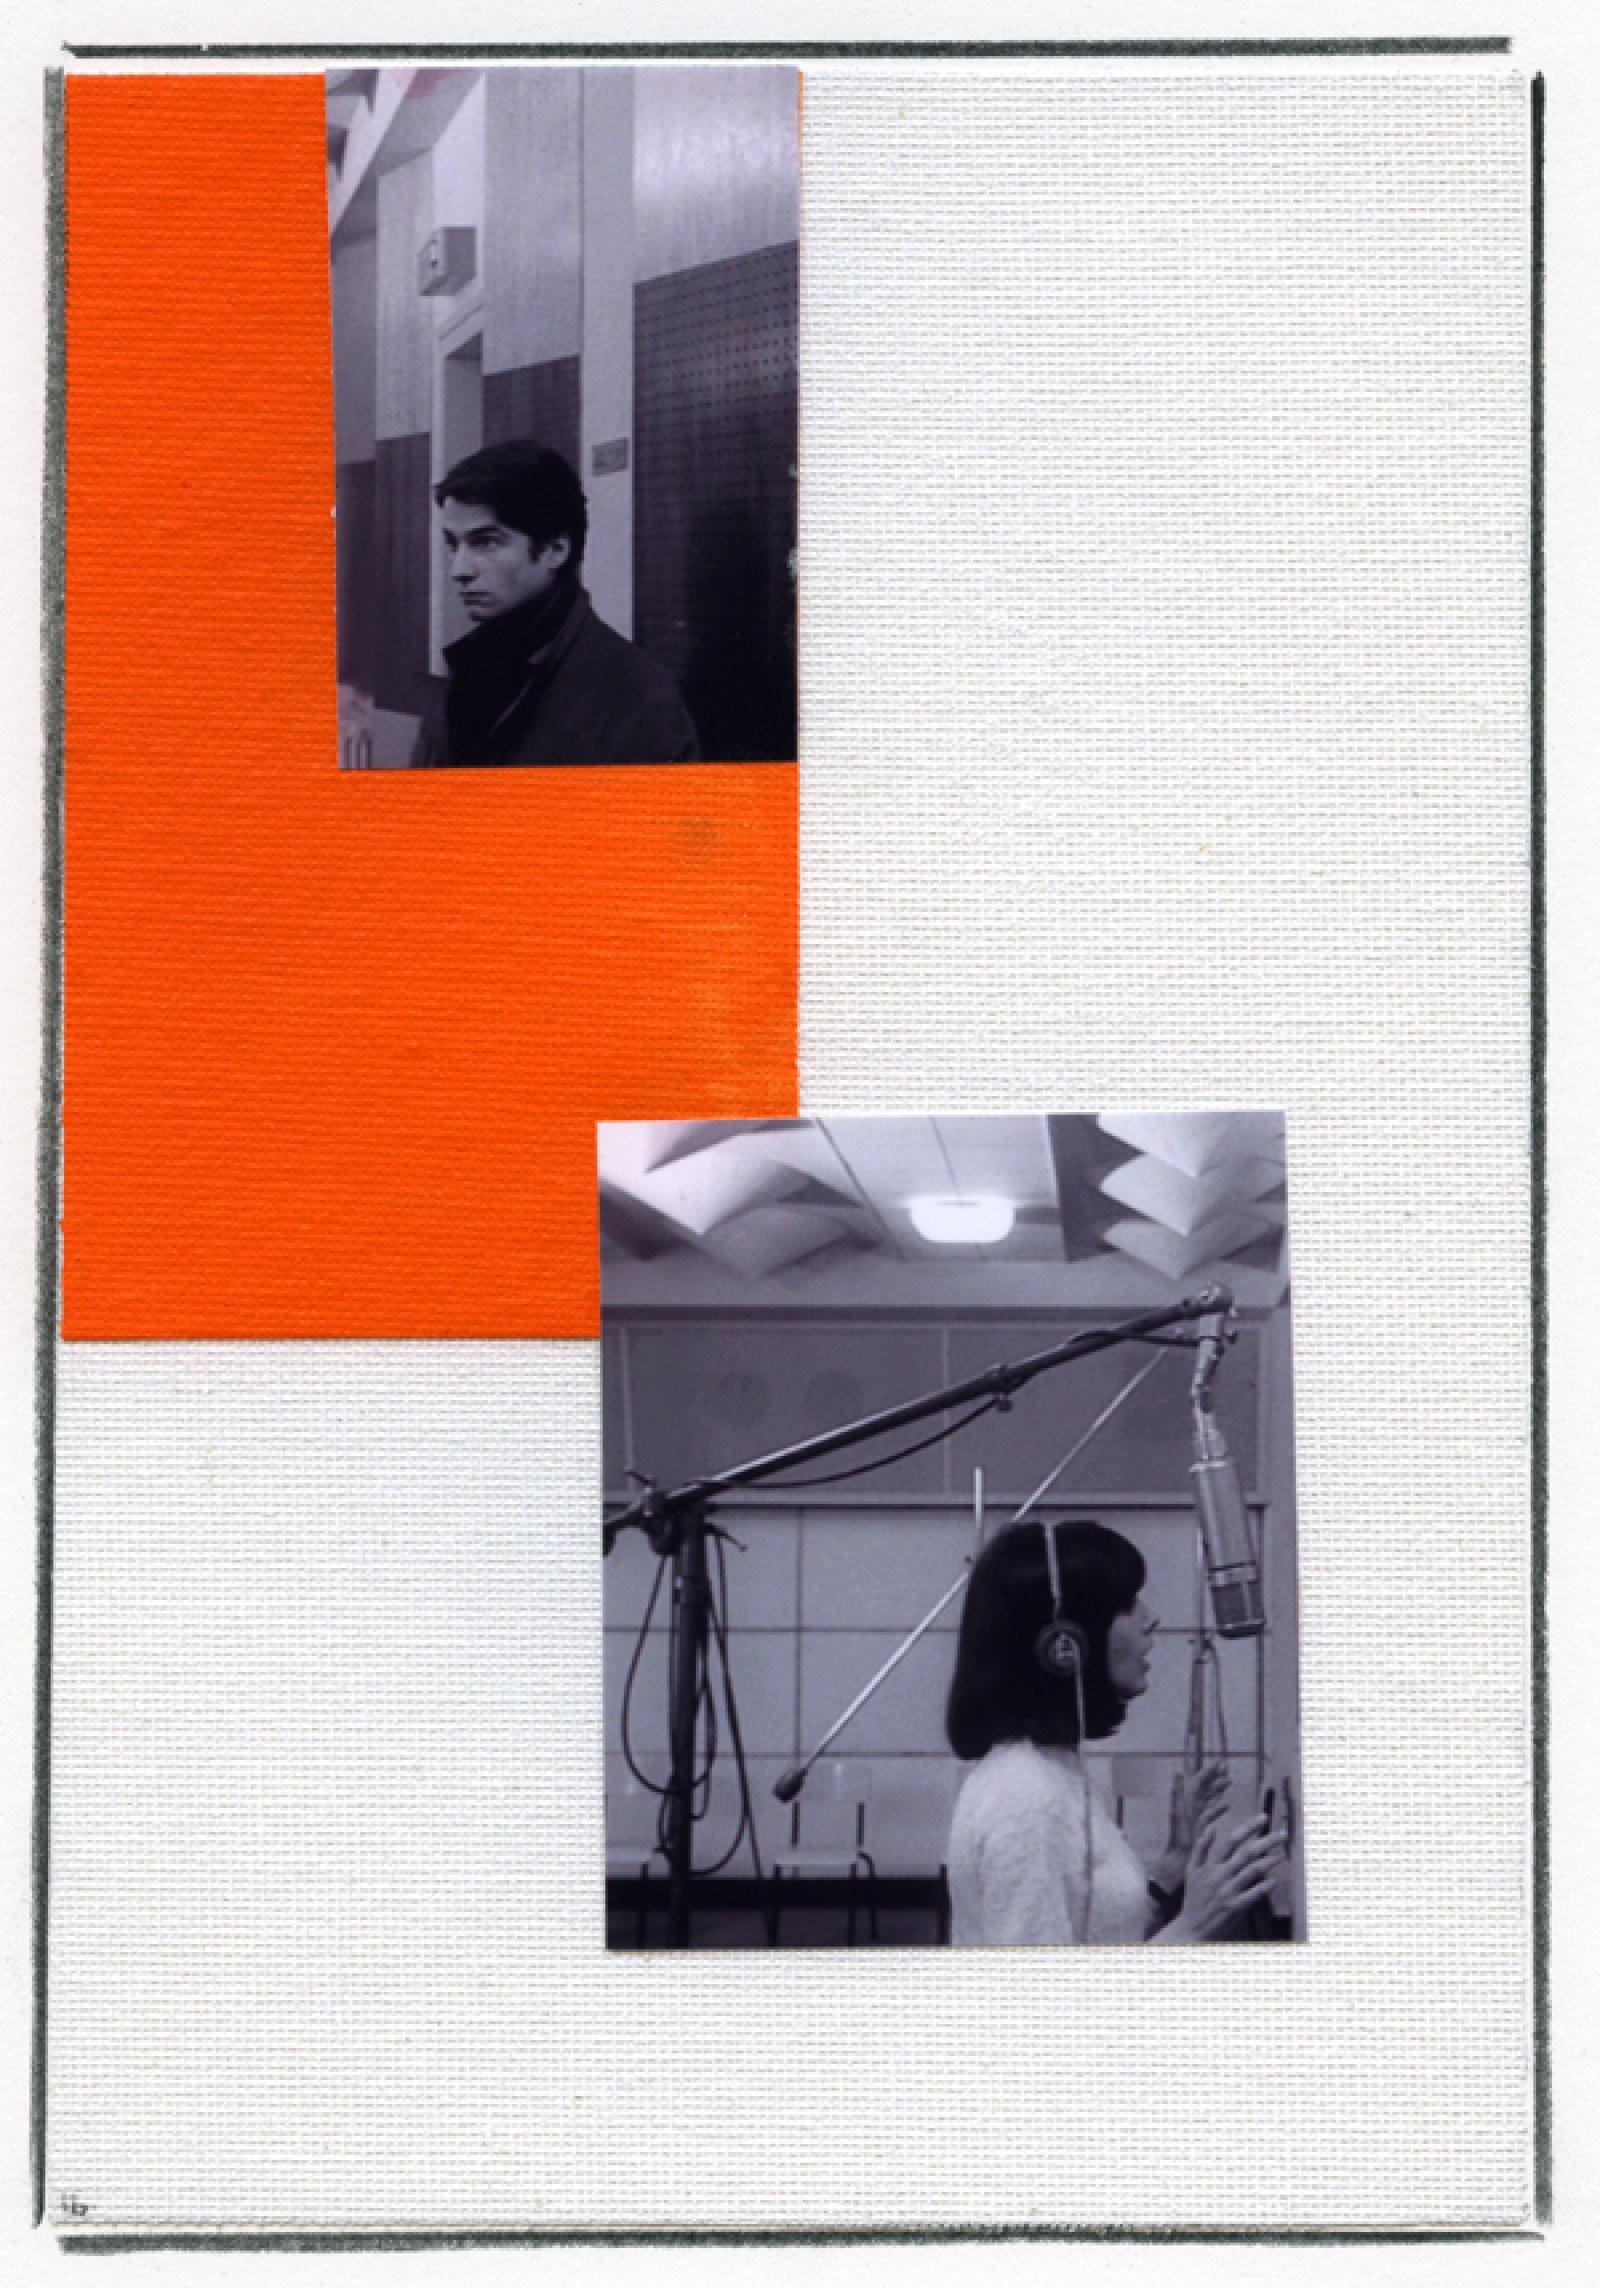 Ian Wallace, Enlarged Inkjet Study for Masculin/Féminin IV, 2010, inkjet print, 47 x 35 in. (119 x 89 cm)   by Ian Wallace